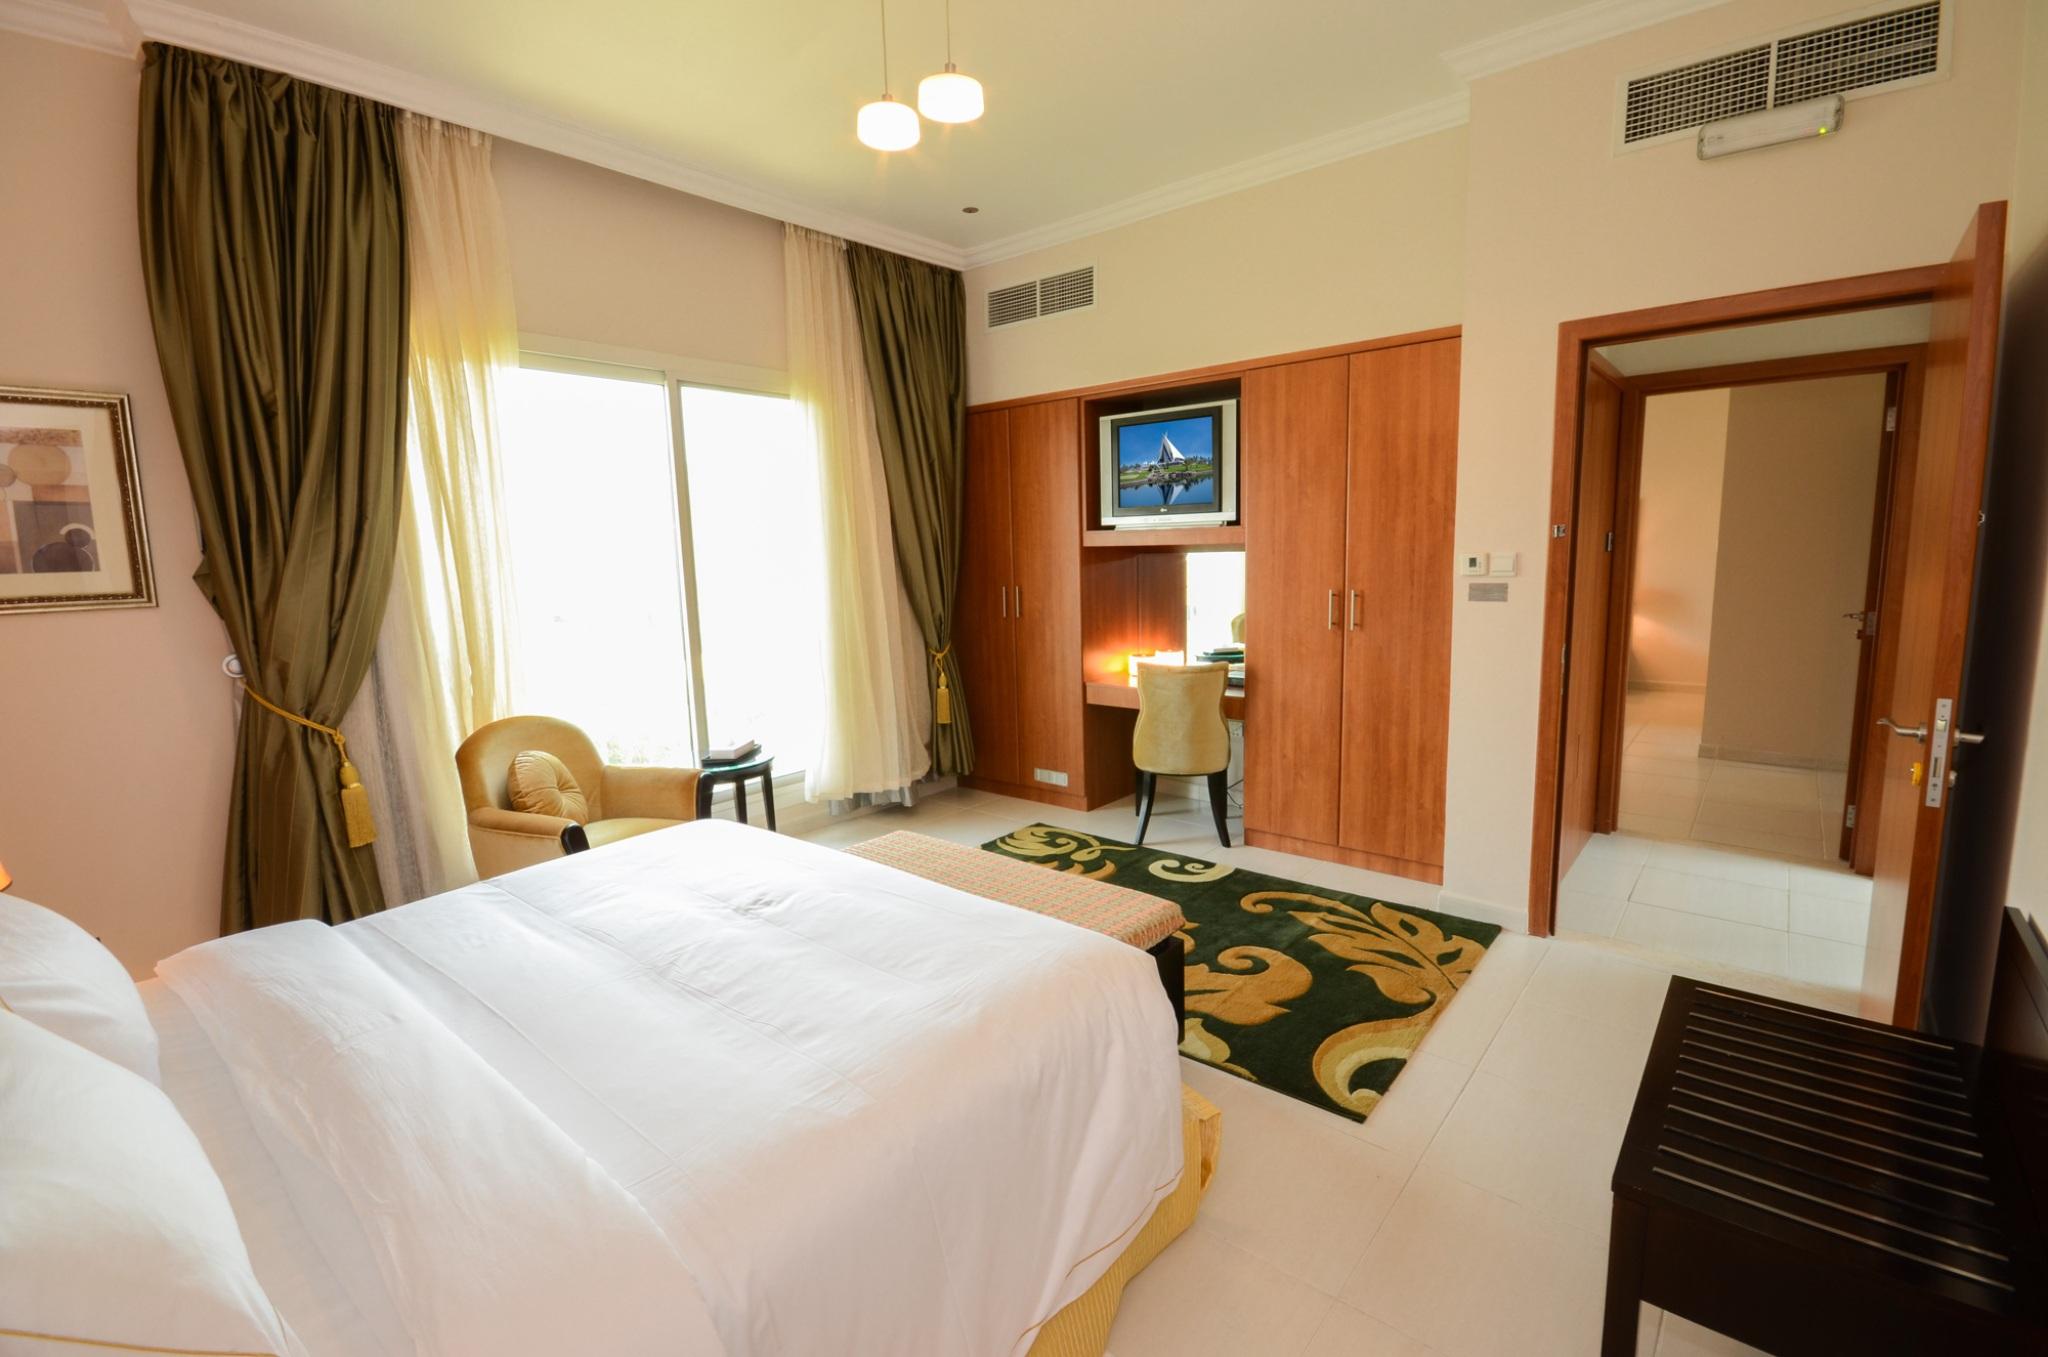 Dubai Holiday Villas Stunning 4 Bedroom Villa With Maids